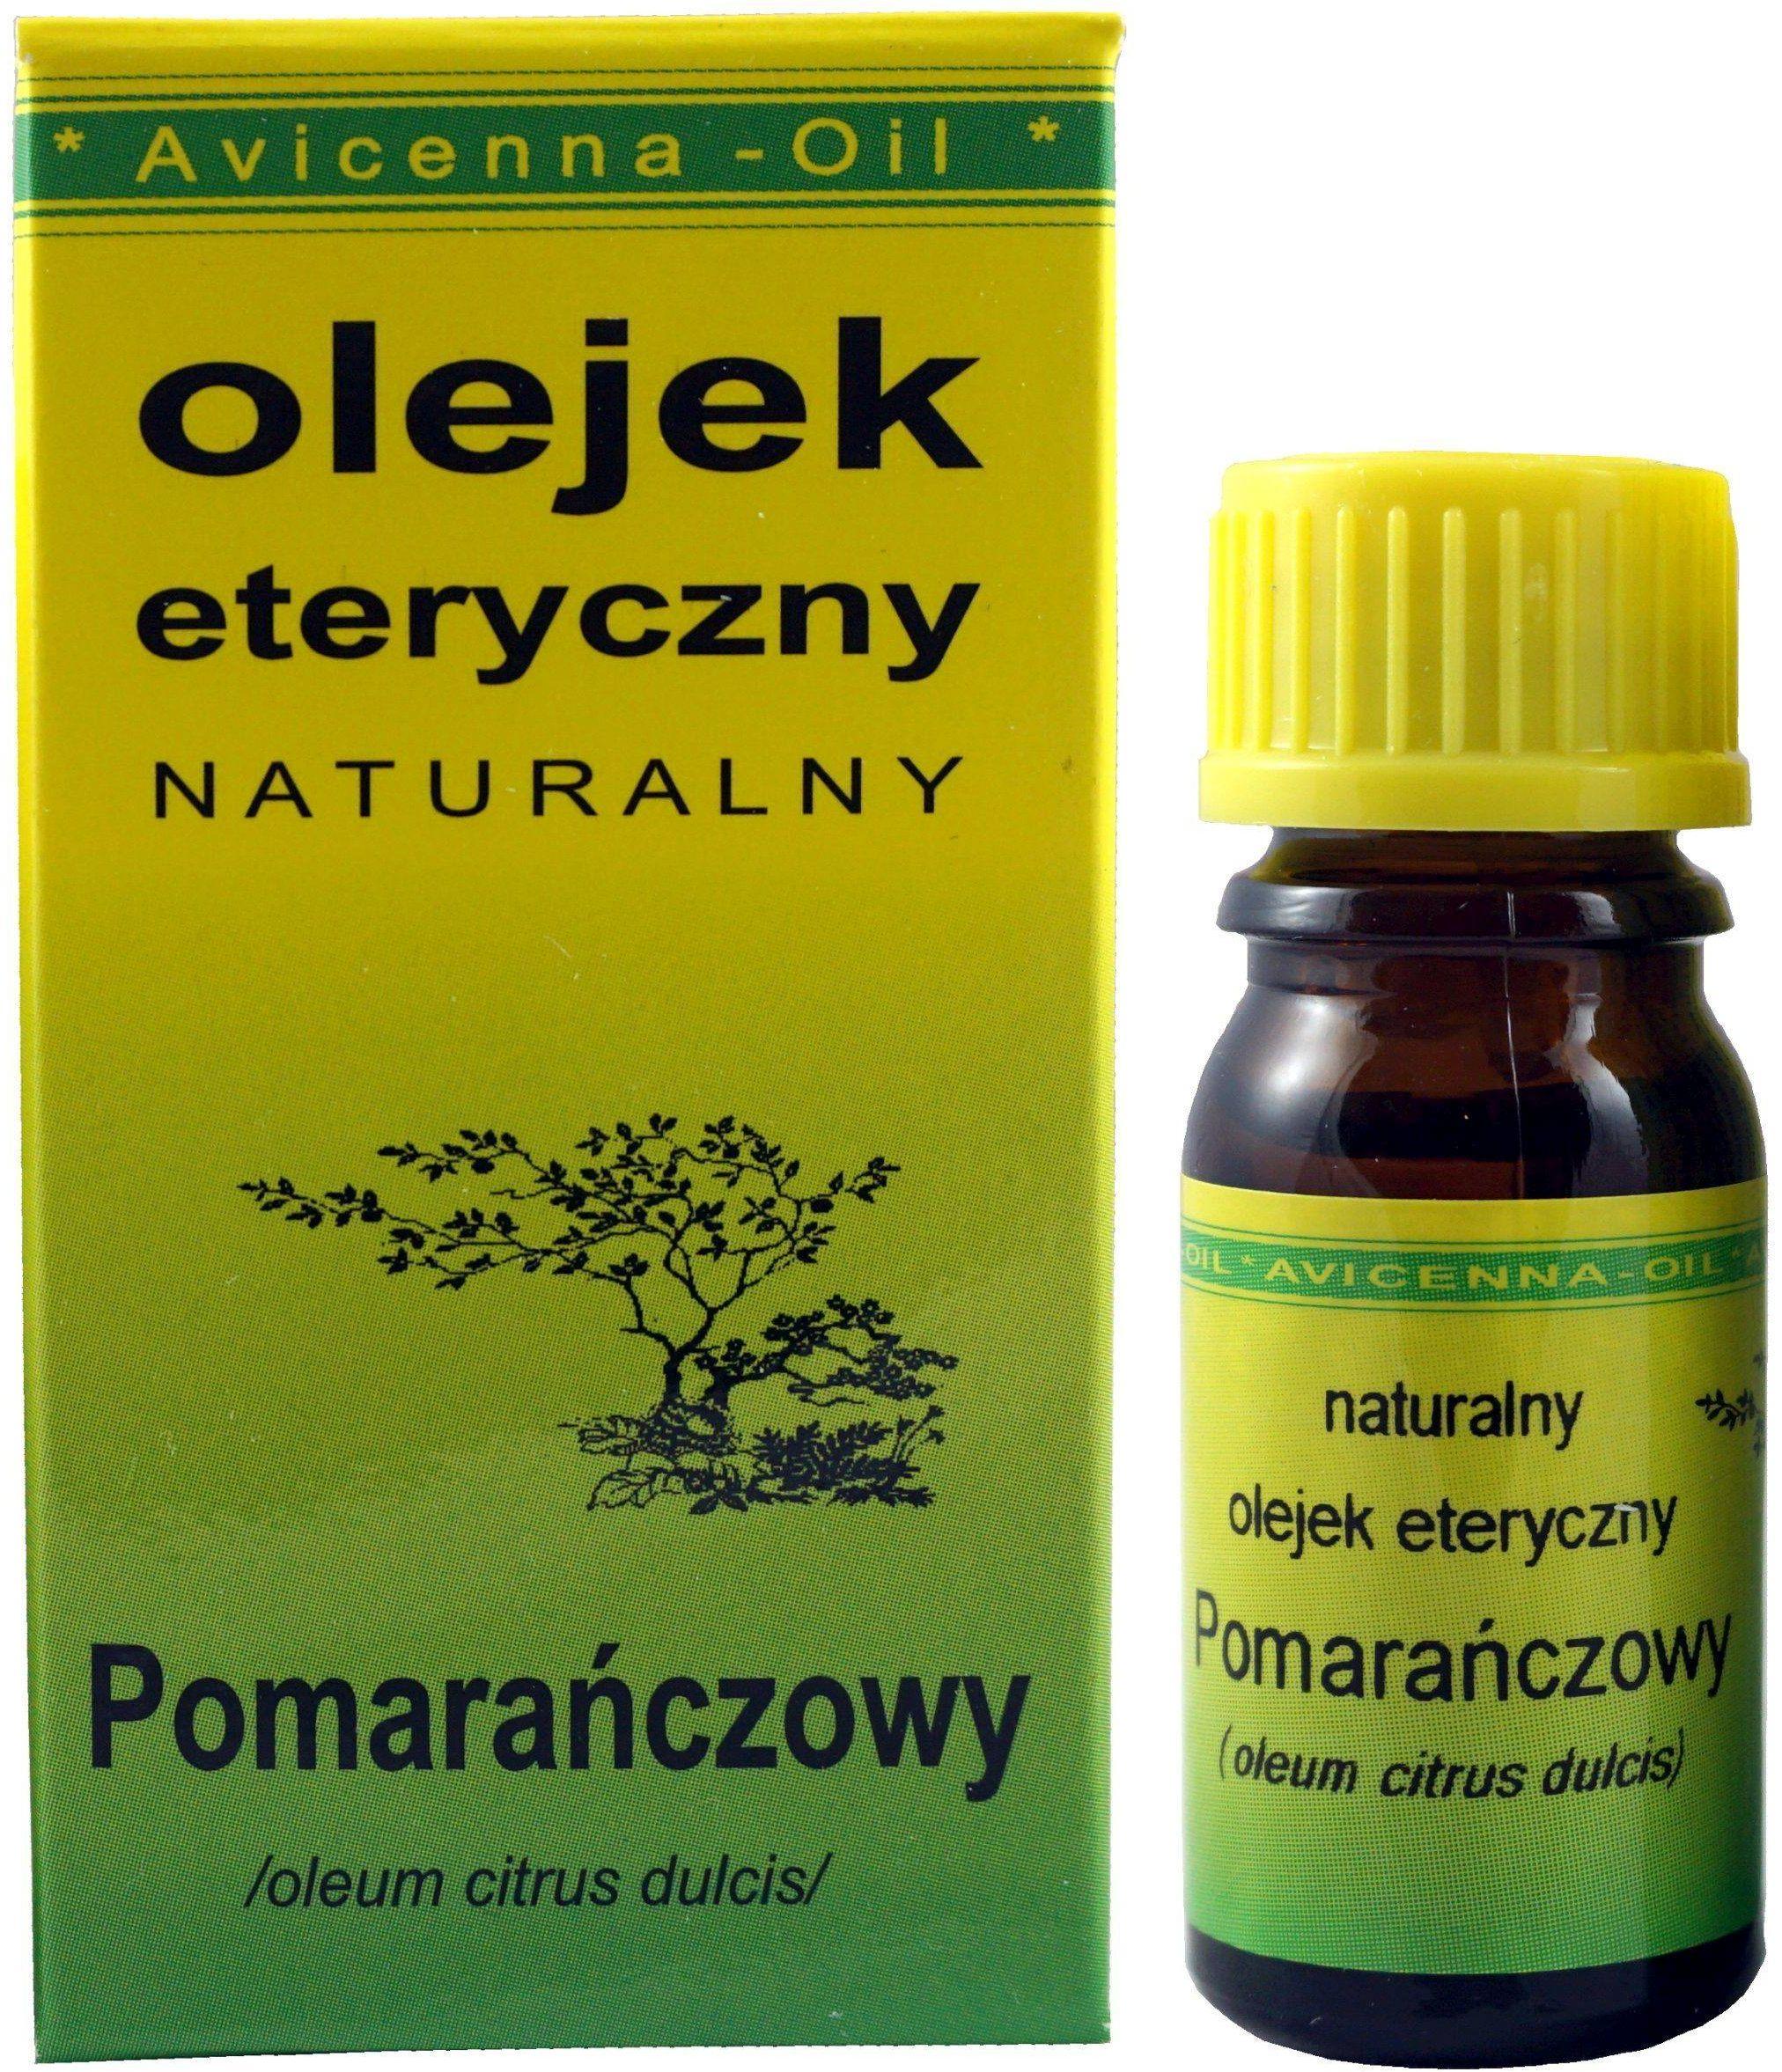 Olejek eteryczny Pomarańczowy - 7ml - Avicenna Oil